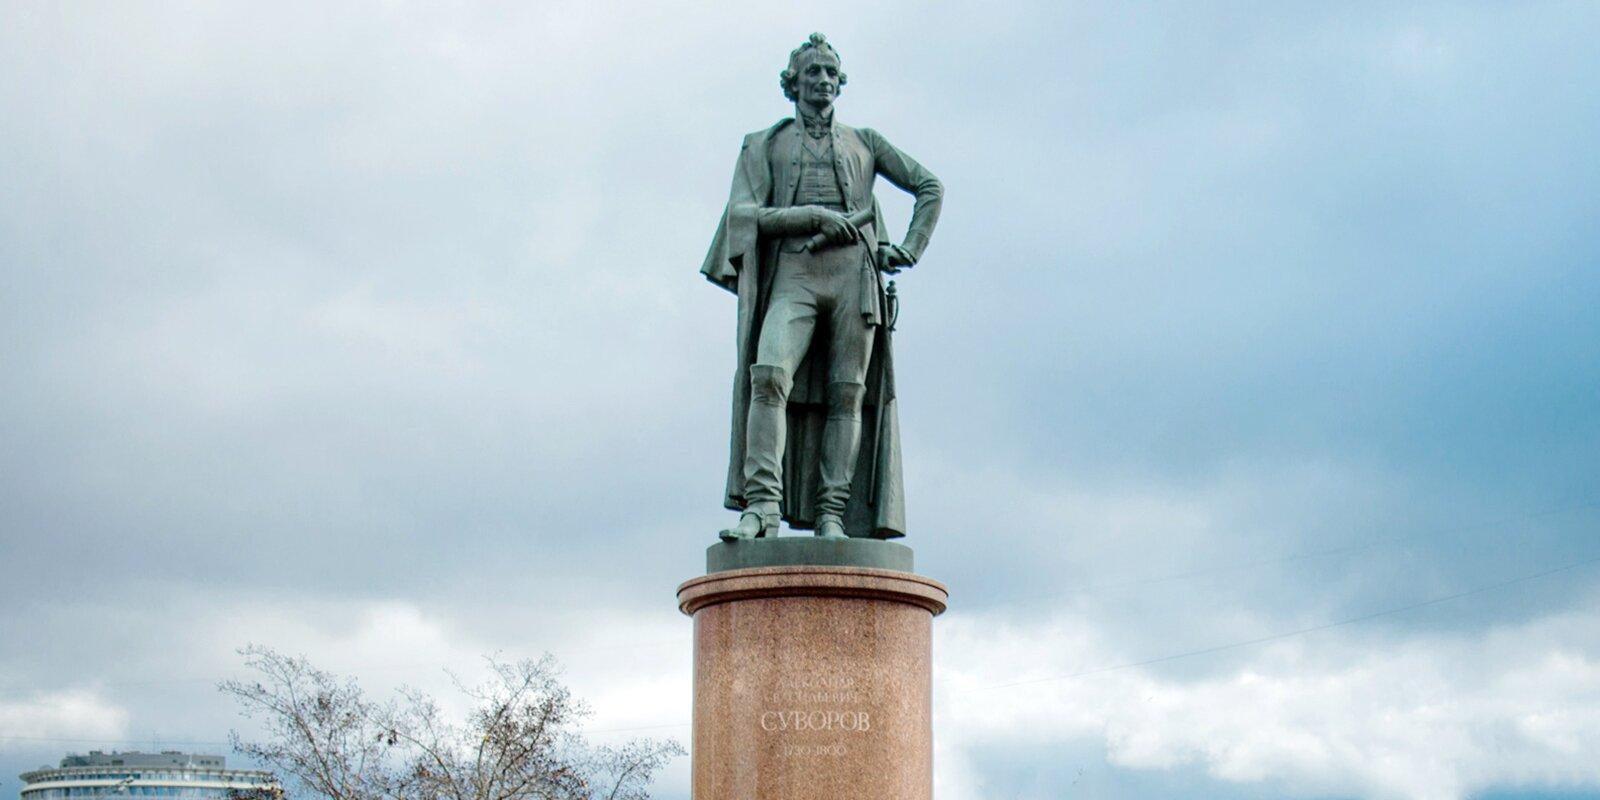 Реставрация знаменитого памятника Суворову завершилась в Москве